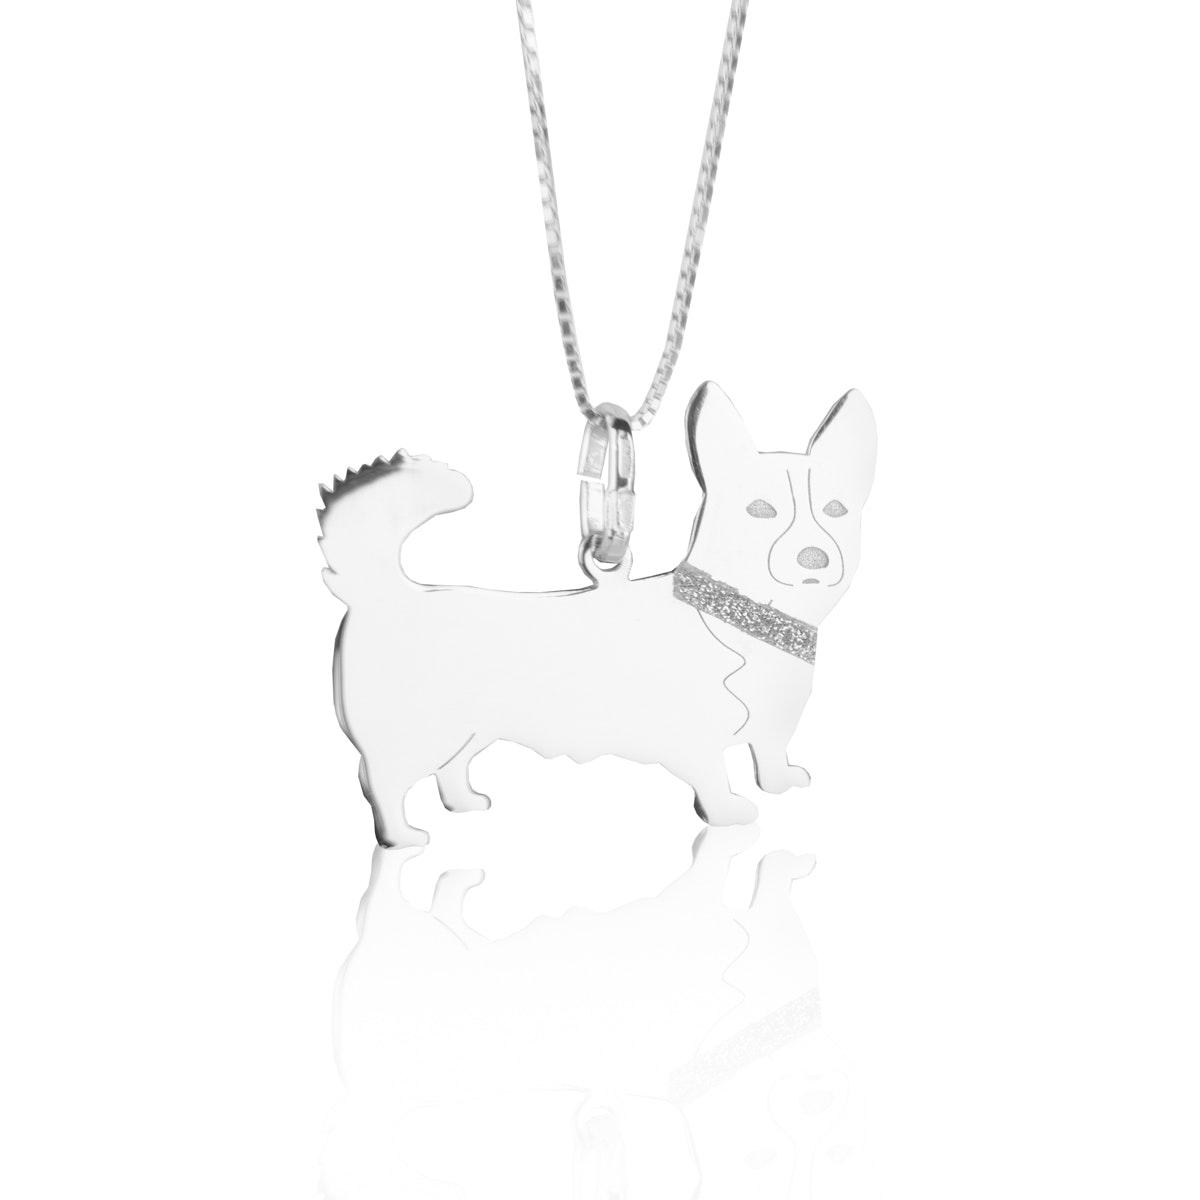 corgi gioiello pendente collana cane fotografo argento sardegna cagliari